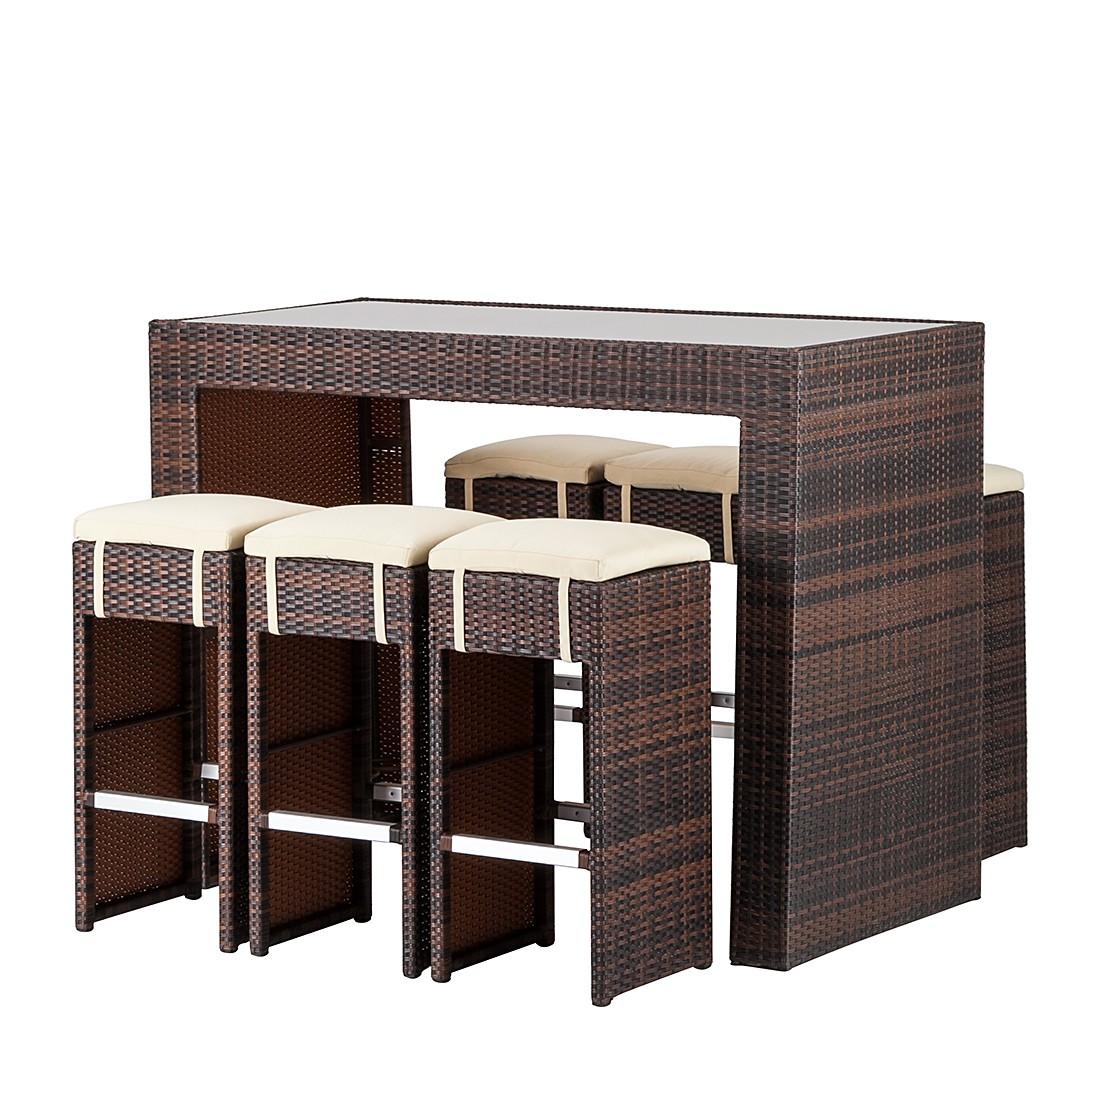 Gartenbar-Set Paradise Lounge (7-teilig) - Polyrattan Braun Meliert, Kings Garden